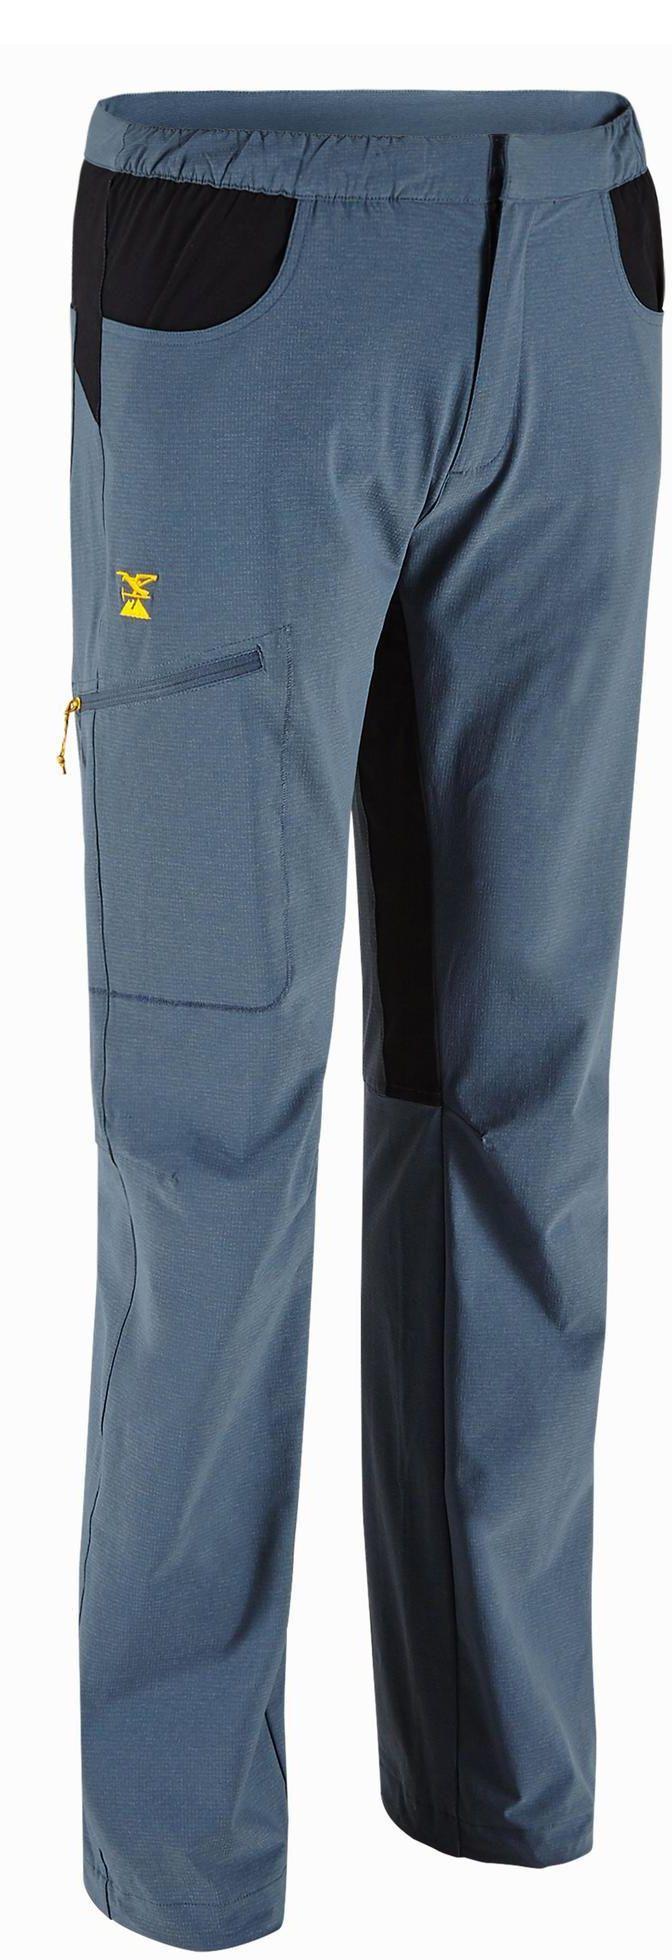 Spodnie wspinaczkowe Edge męskie